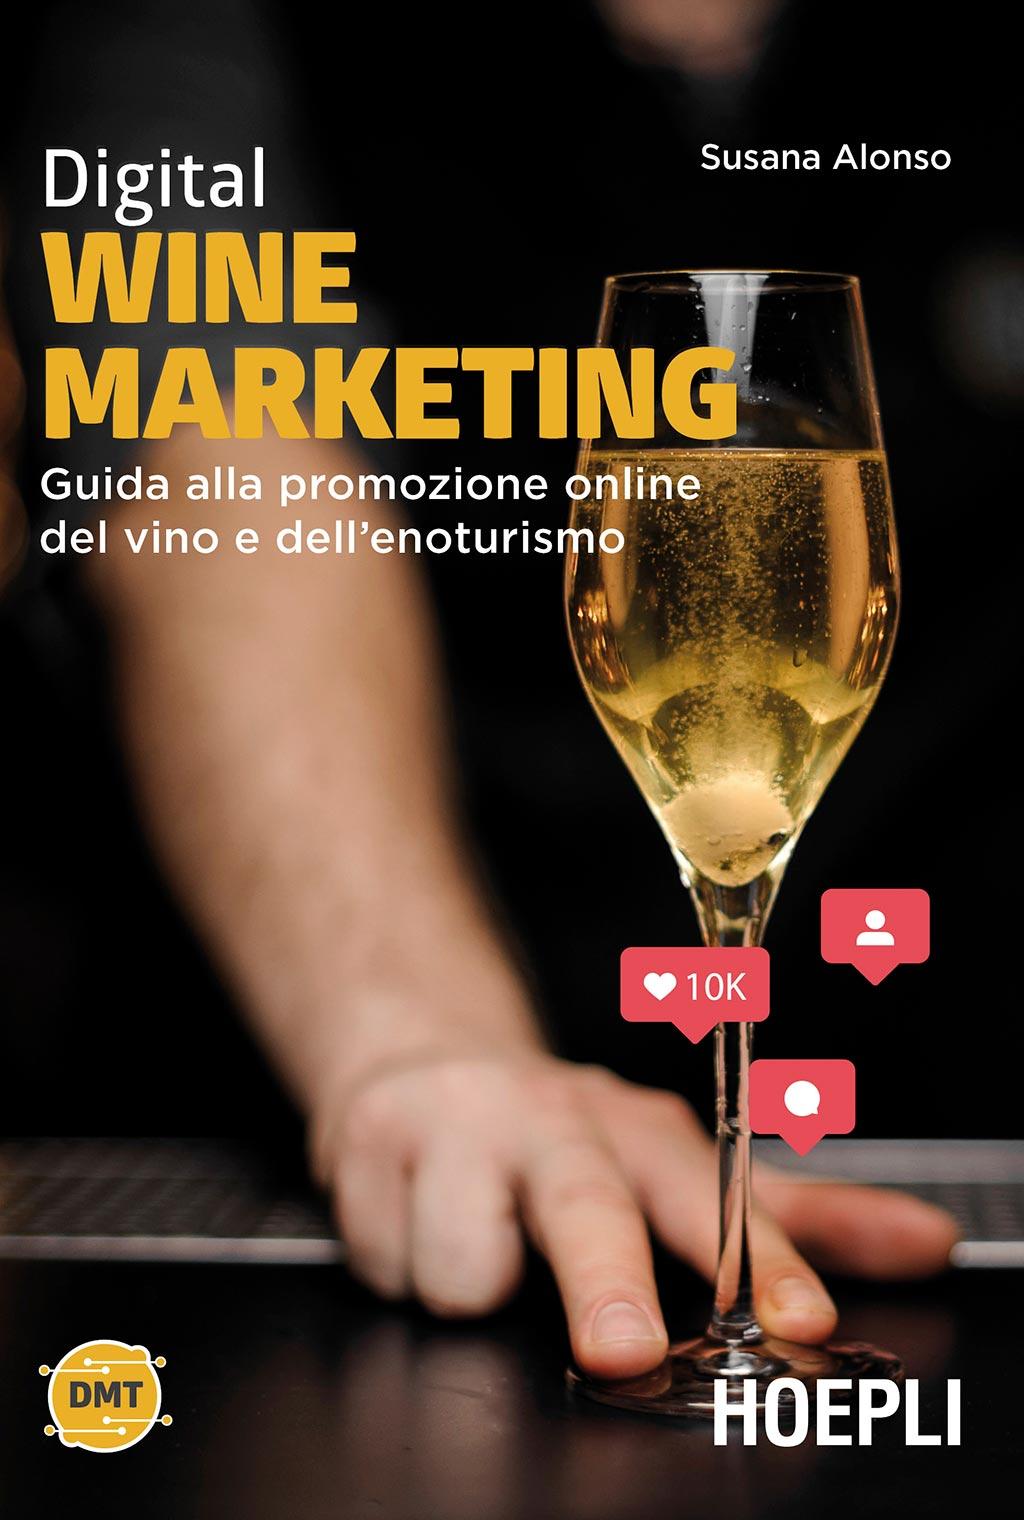 copertina digital wine marketing